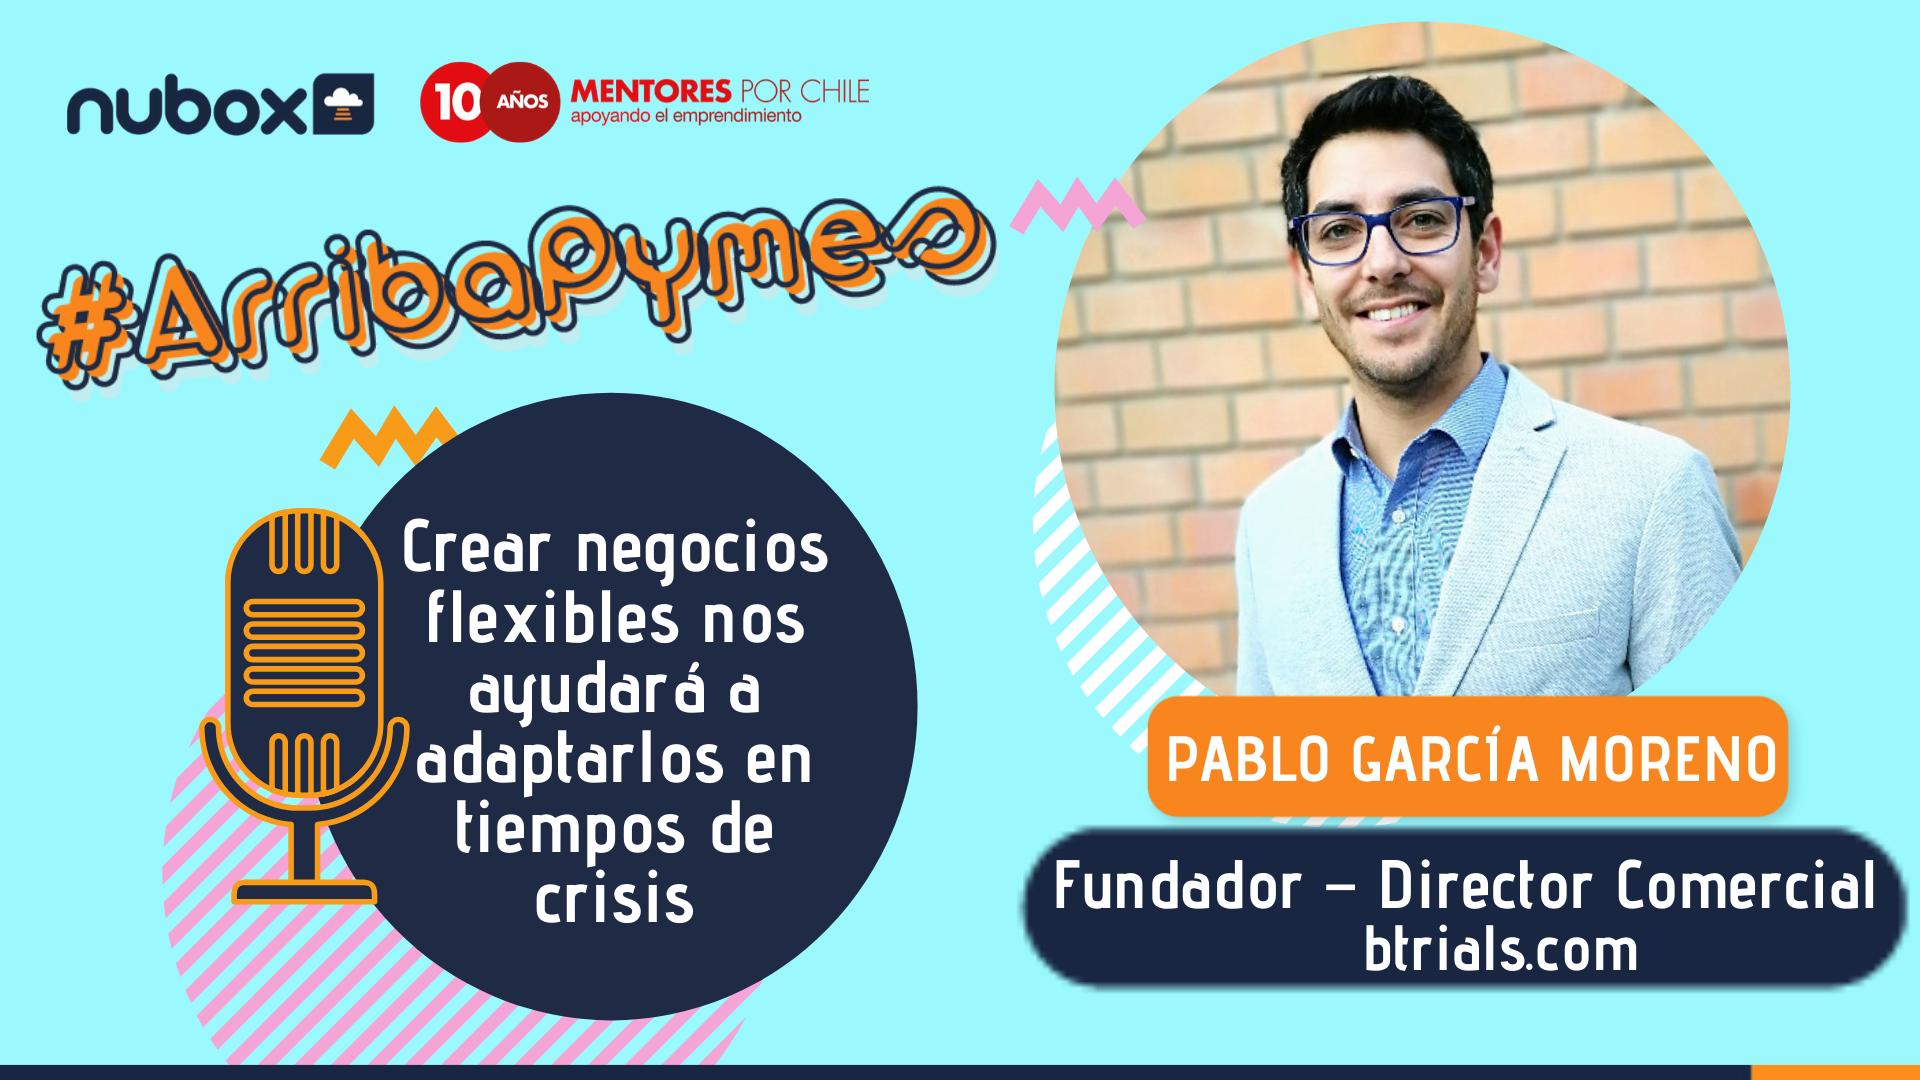 Pablo García Moreno: Crear negocios flexibles nos ayudará a adaptarlos en tiempos de crisis